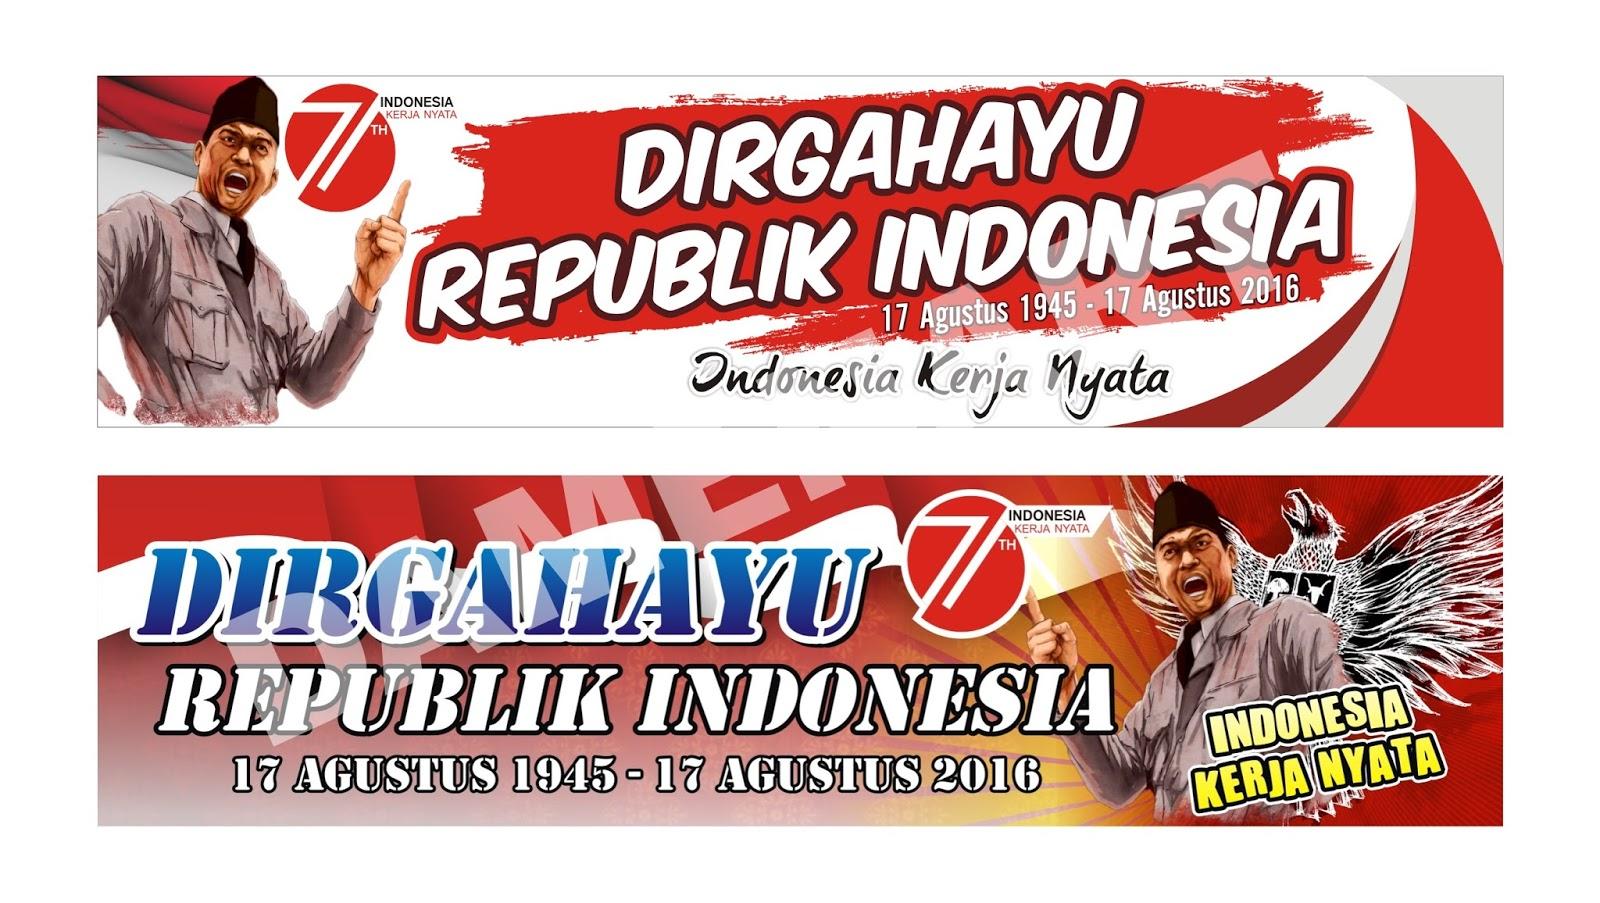 MI HAYATUL ISLAM Desain Spanduk HUT Kemerdekaan Republik Indonesia